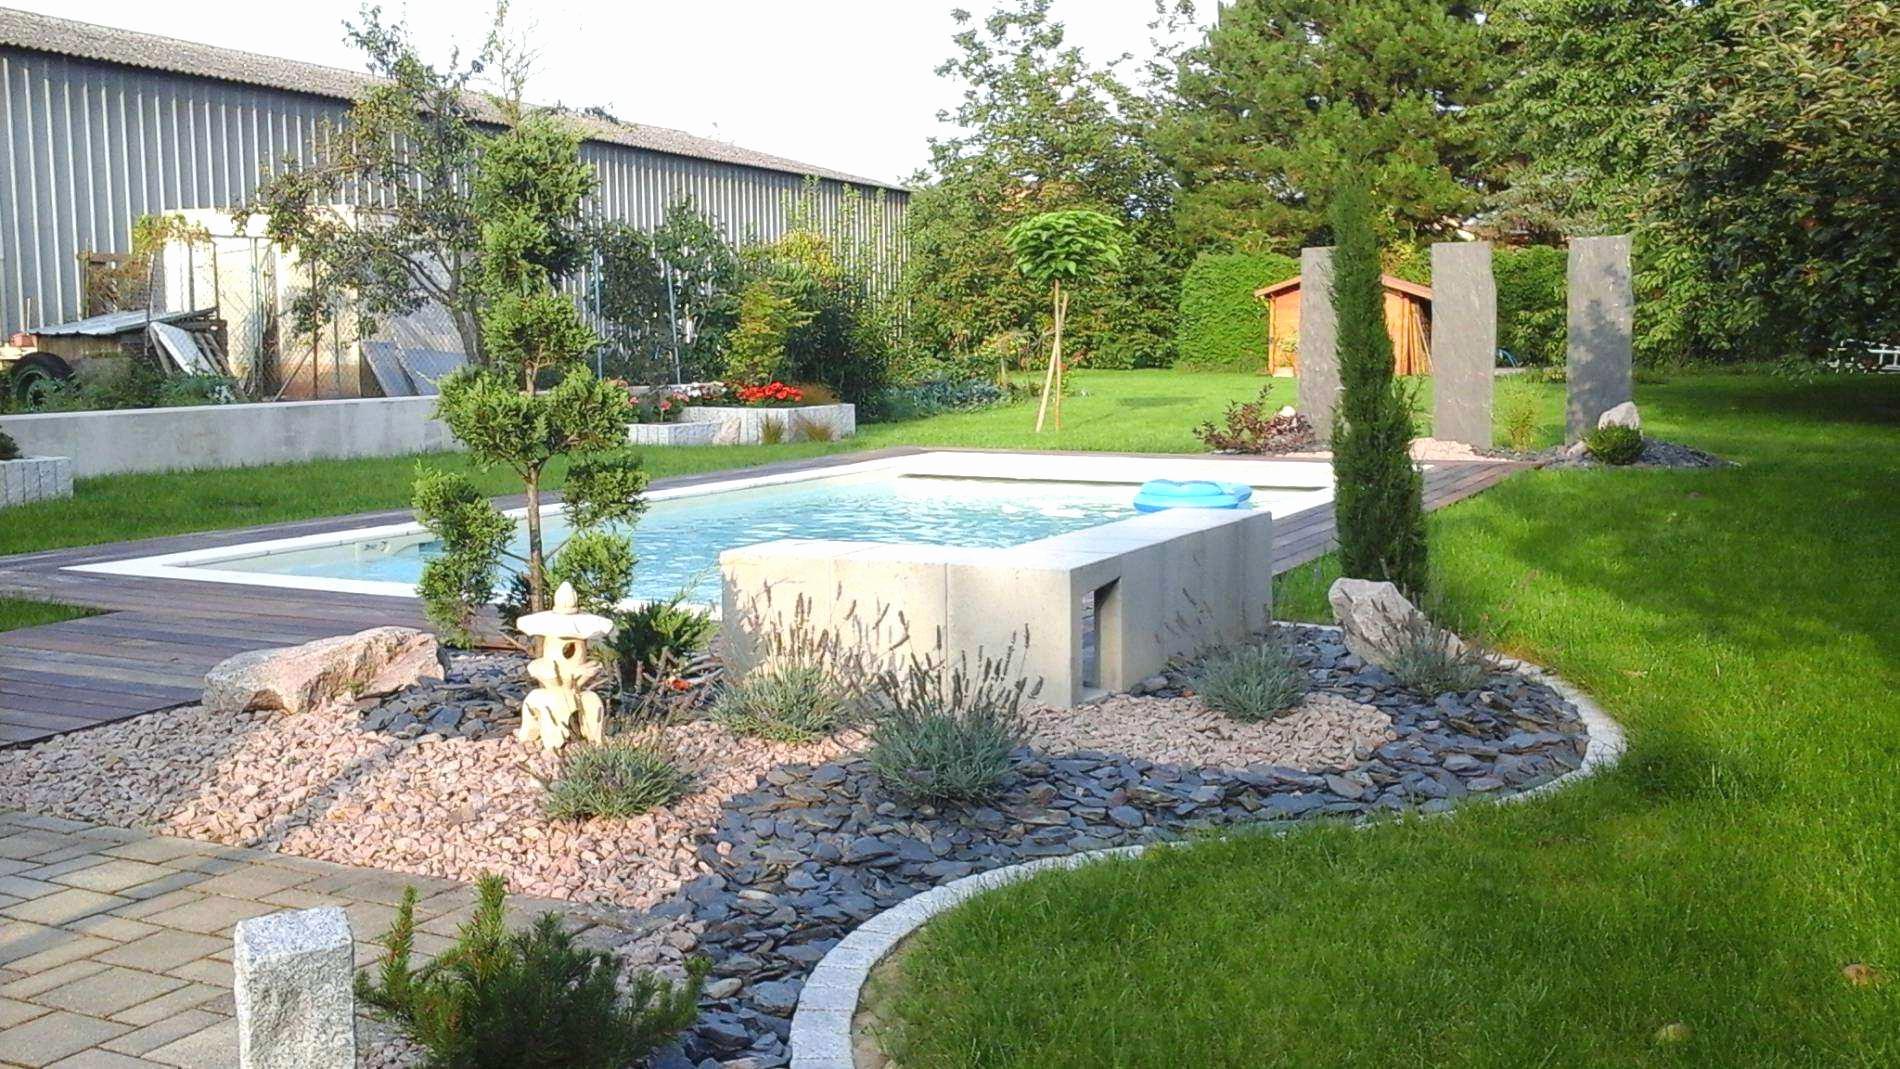 terrasse bois piscine hors sol meilleur de jardin et piscine piscine hors sol terrasse bois luxe piscine en of terrasse bois piscine hors sol